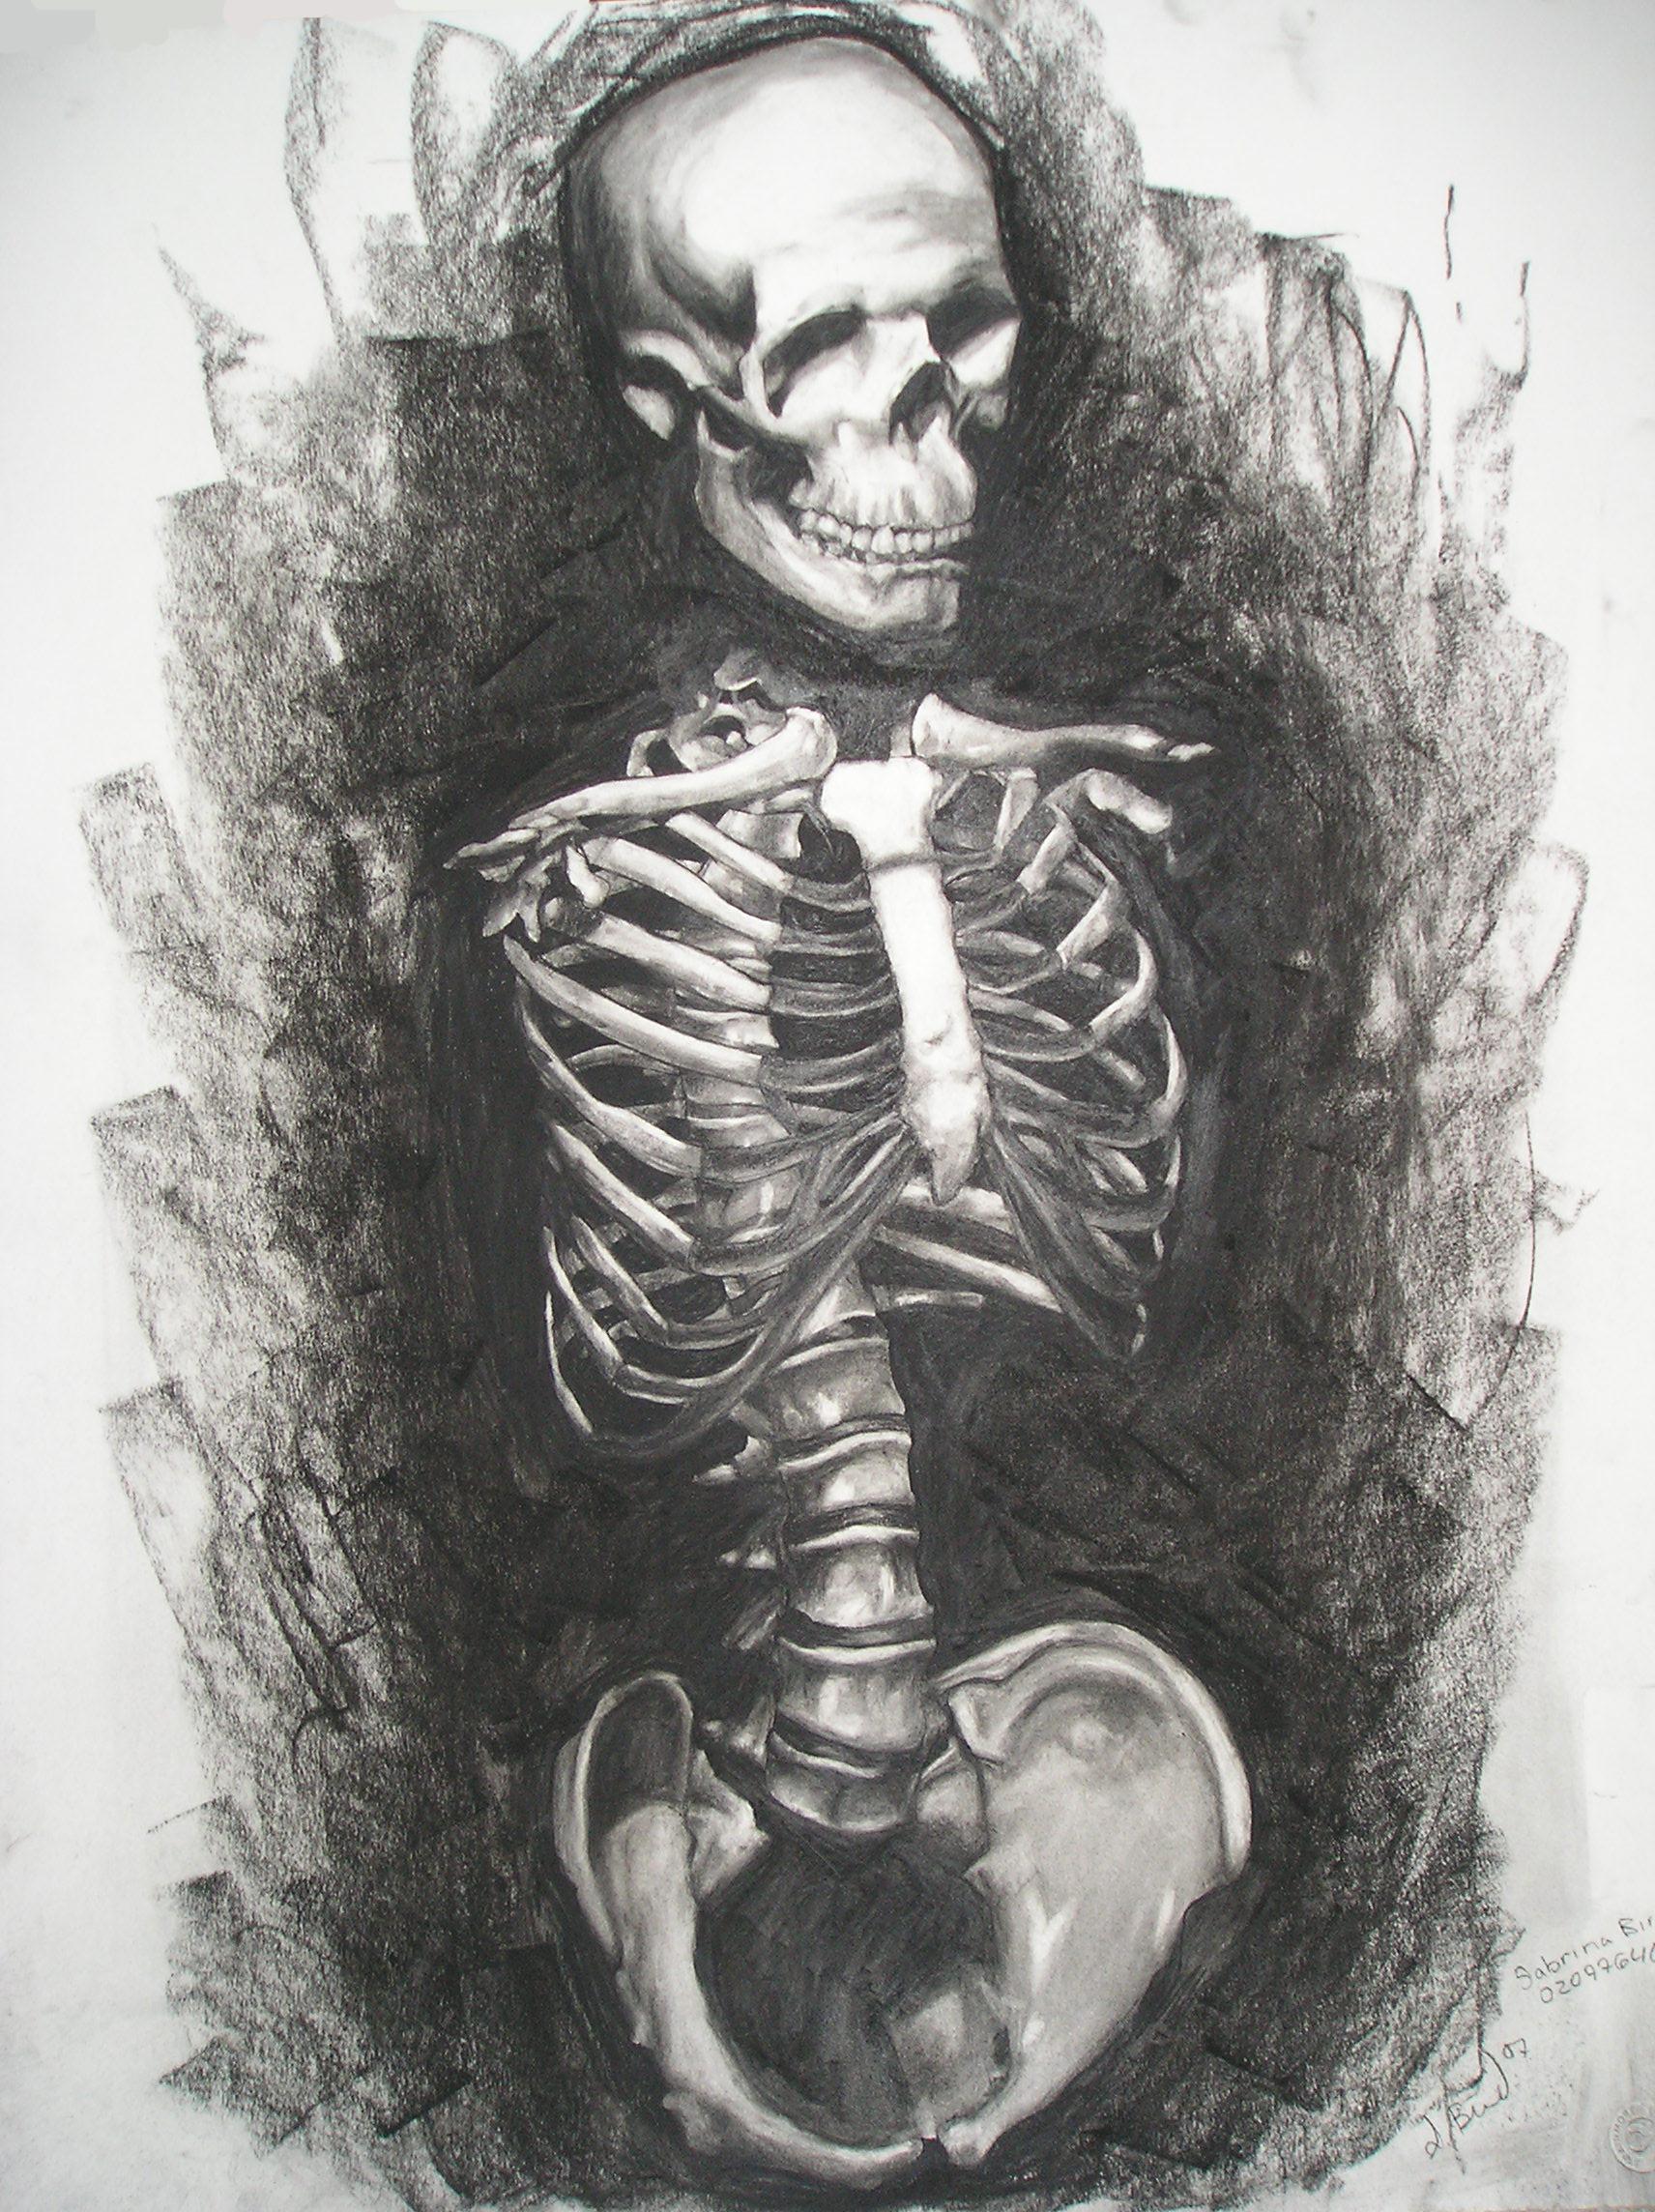 Skeletal Torso Study